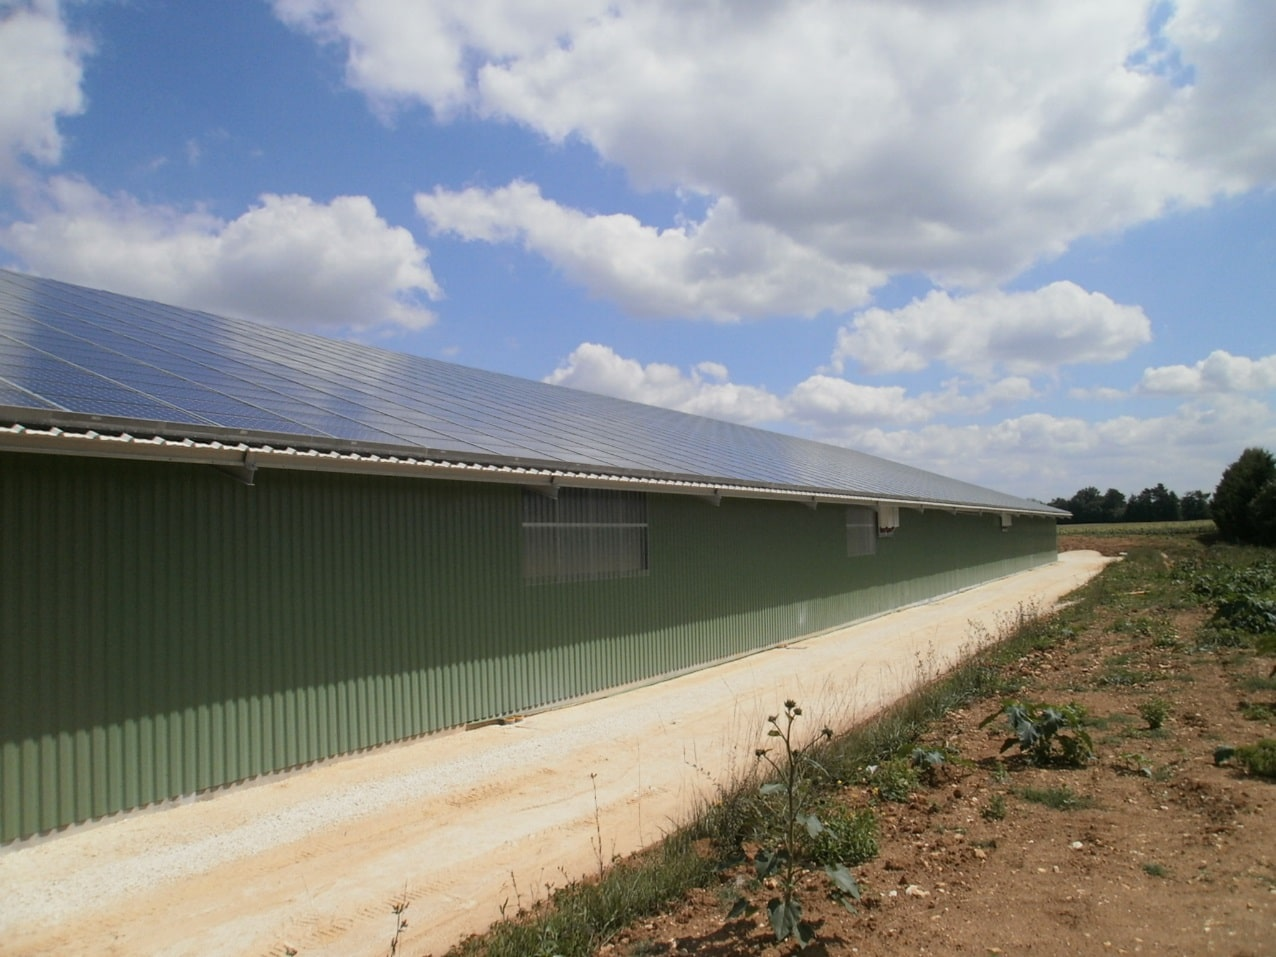 La-Noëlle-Environnement_Toitures-photovoltaïques-6